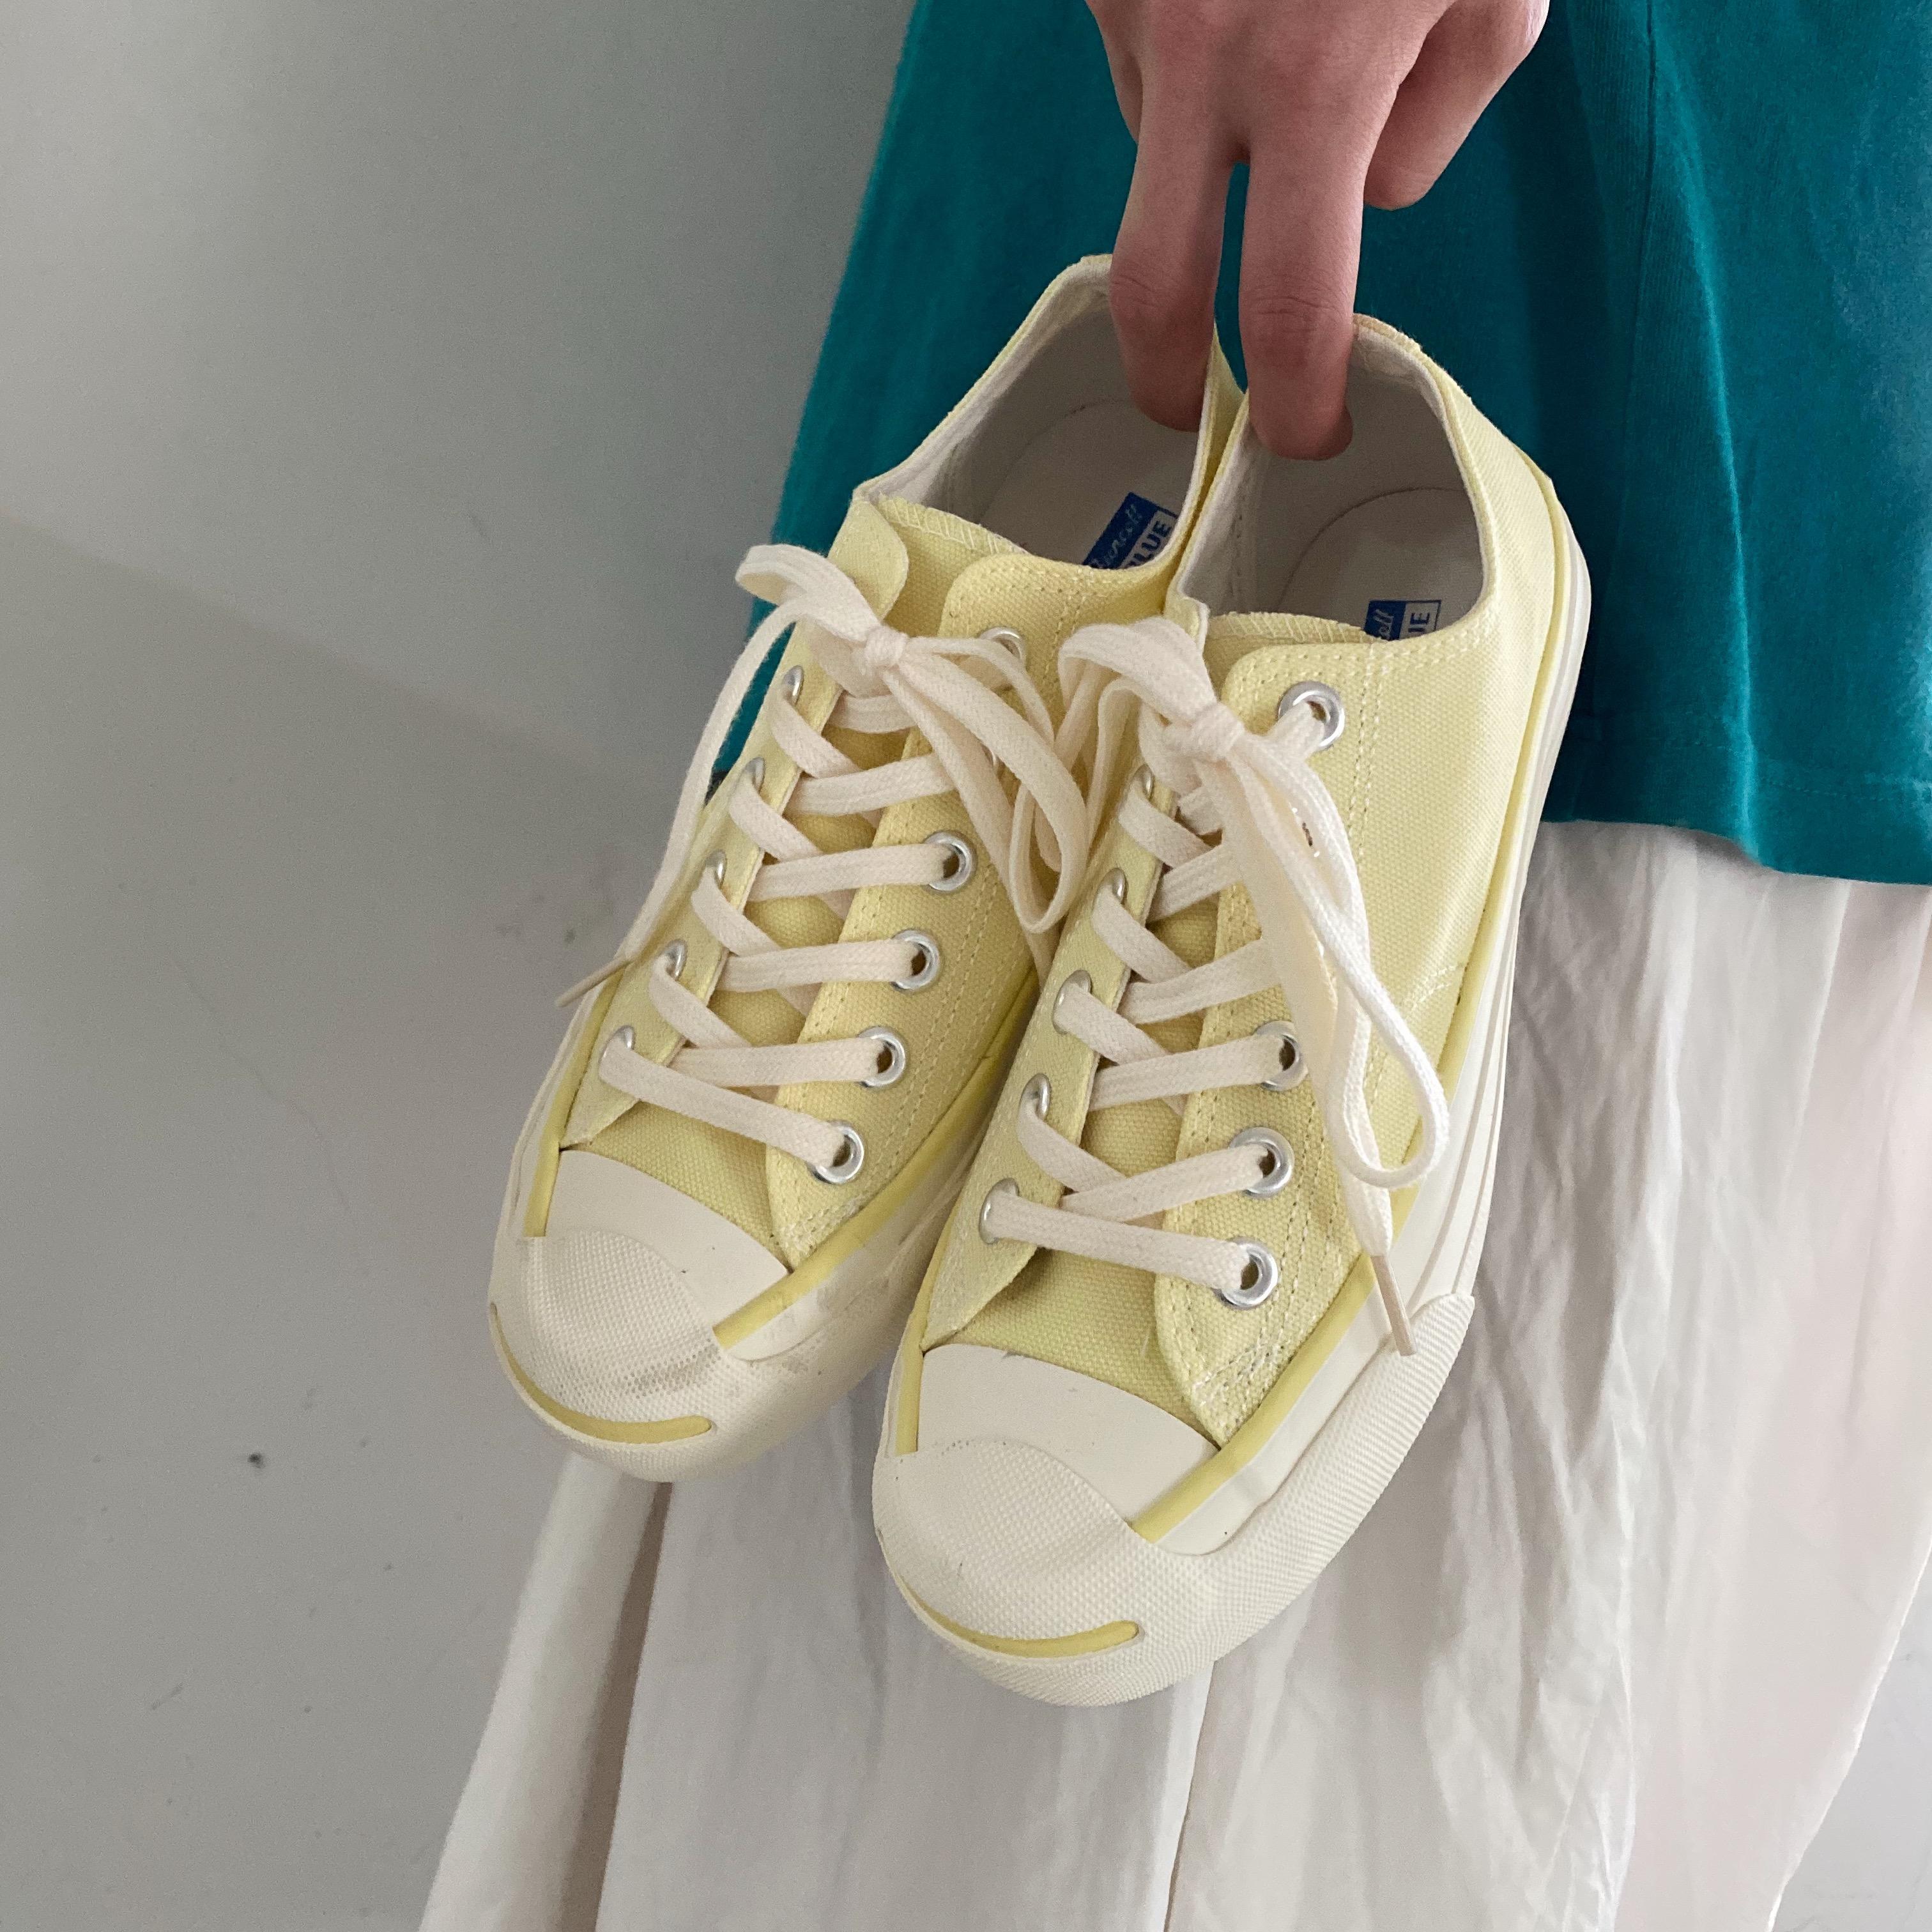 黄色帆布鞋 小黄桃韩国MSOHE帆布鞋ins港味万年款经典开口笑女鞋奶黄色板鞋夏_推荐淘宝好看的黄色帆布鞋